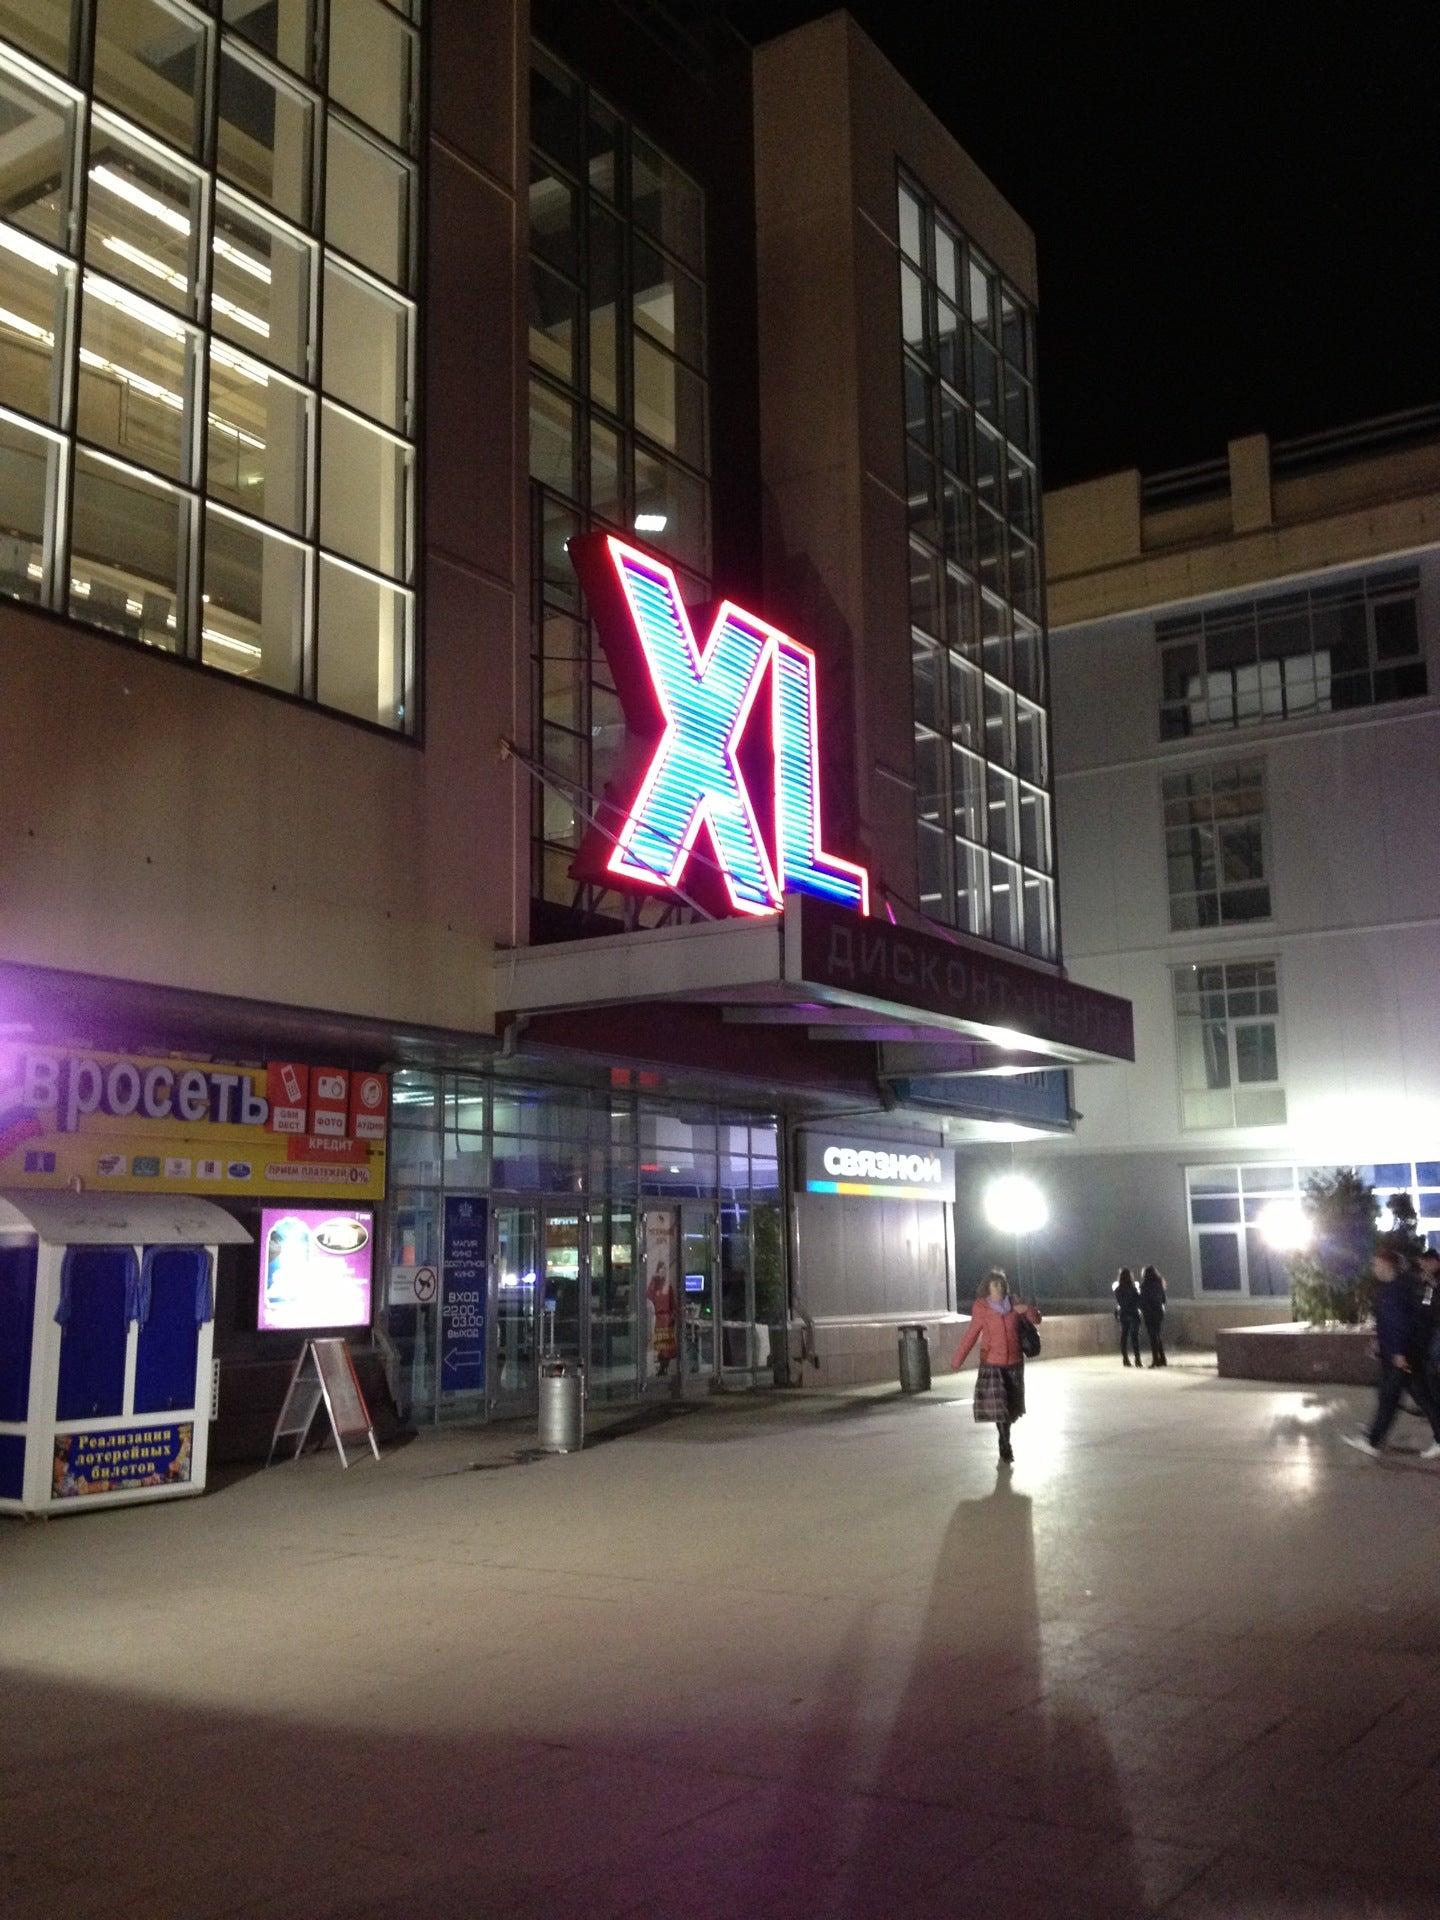 ef8b10b6de58 XL на Ямашевой, отзывы и фото ТЦ Казани, телефоны и адреса на Yell.ru